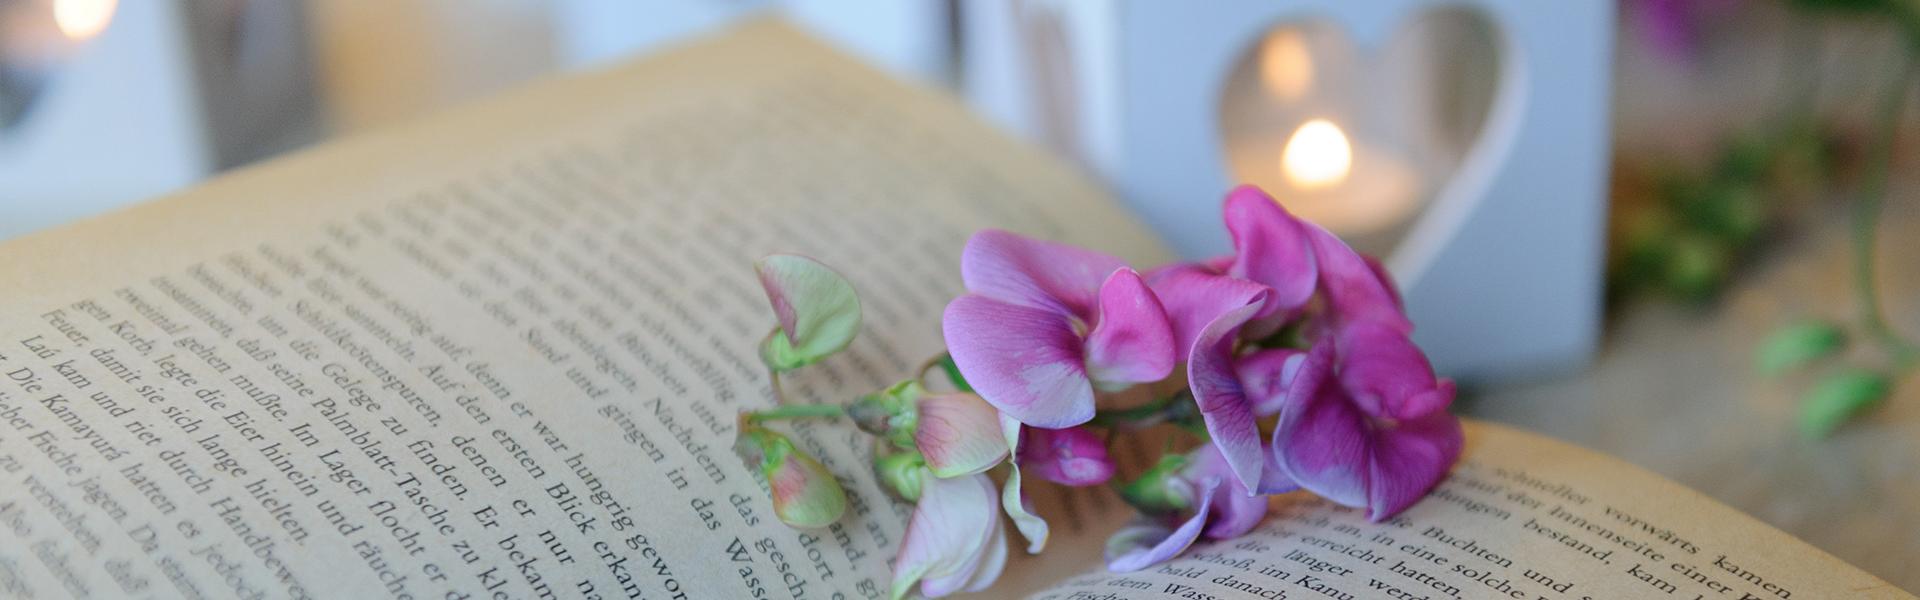 Warum lohnt es sich, ein Tagebuch zu führen? 4 Gründe